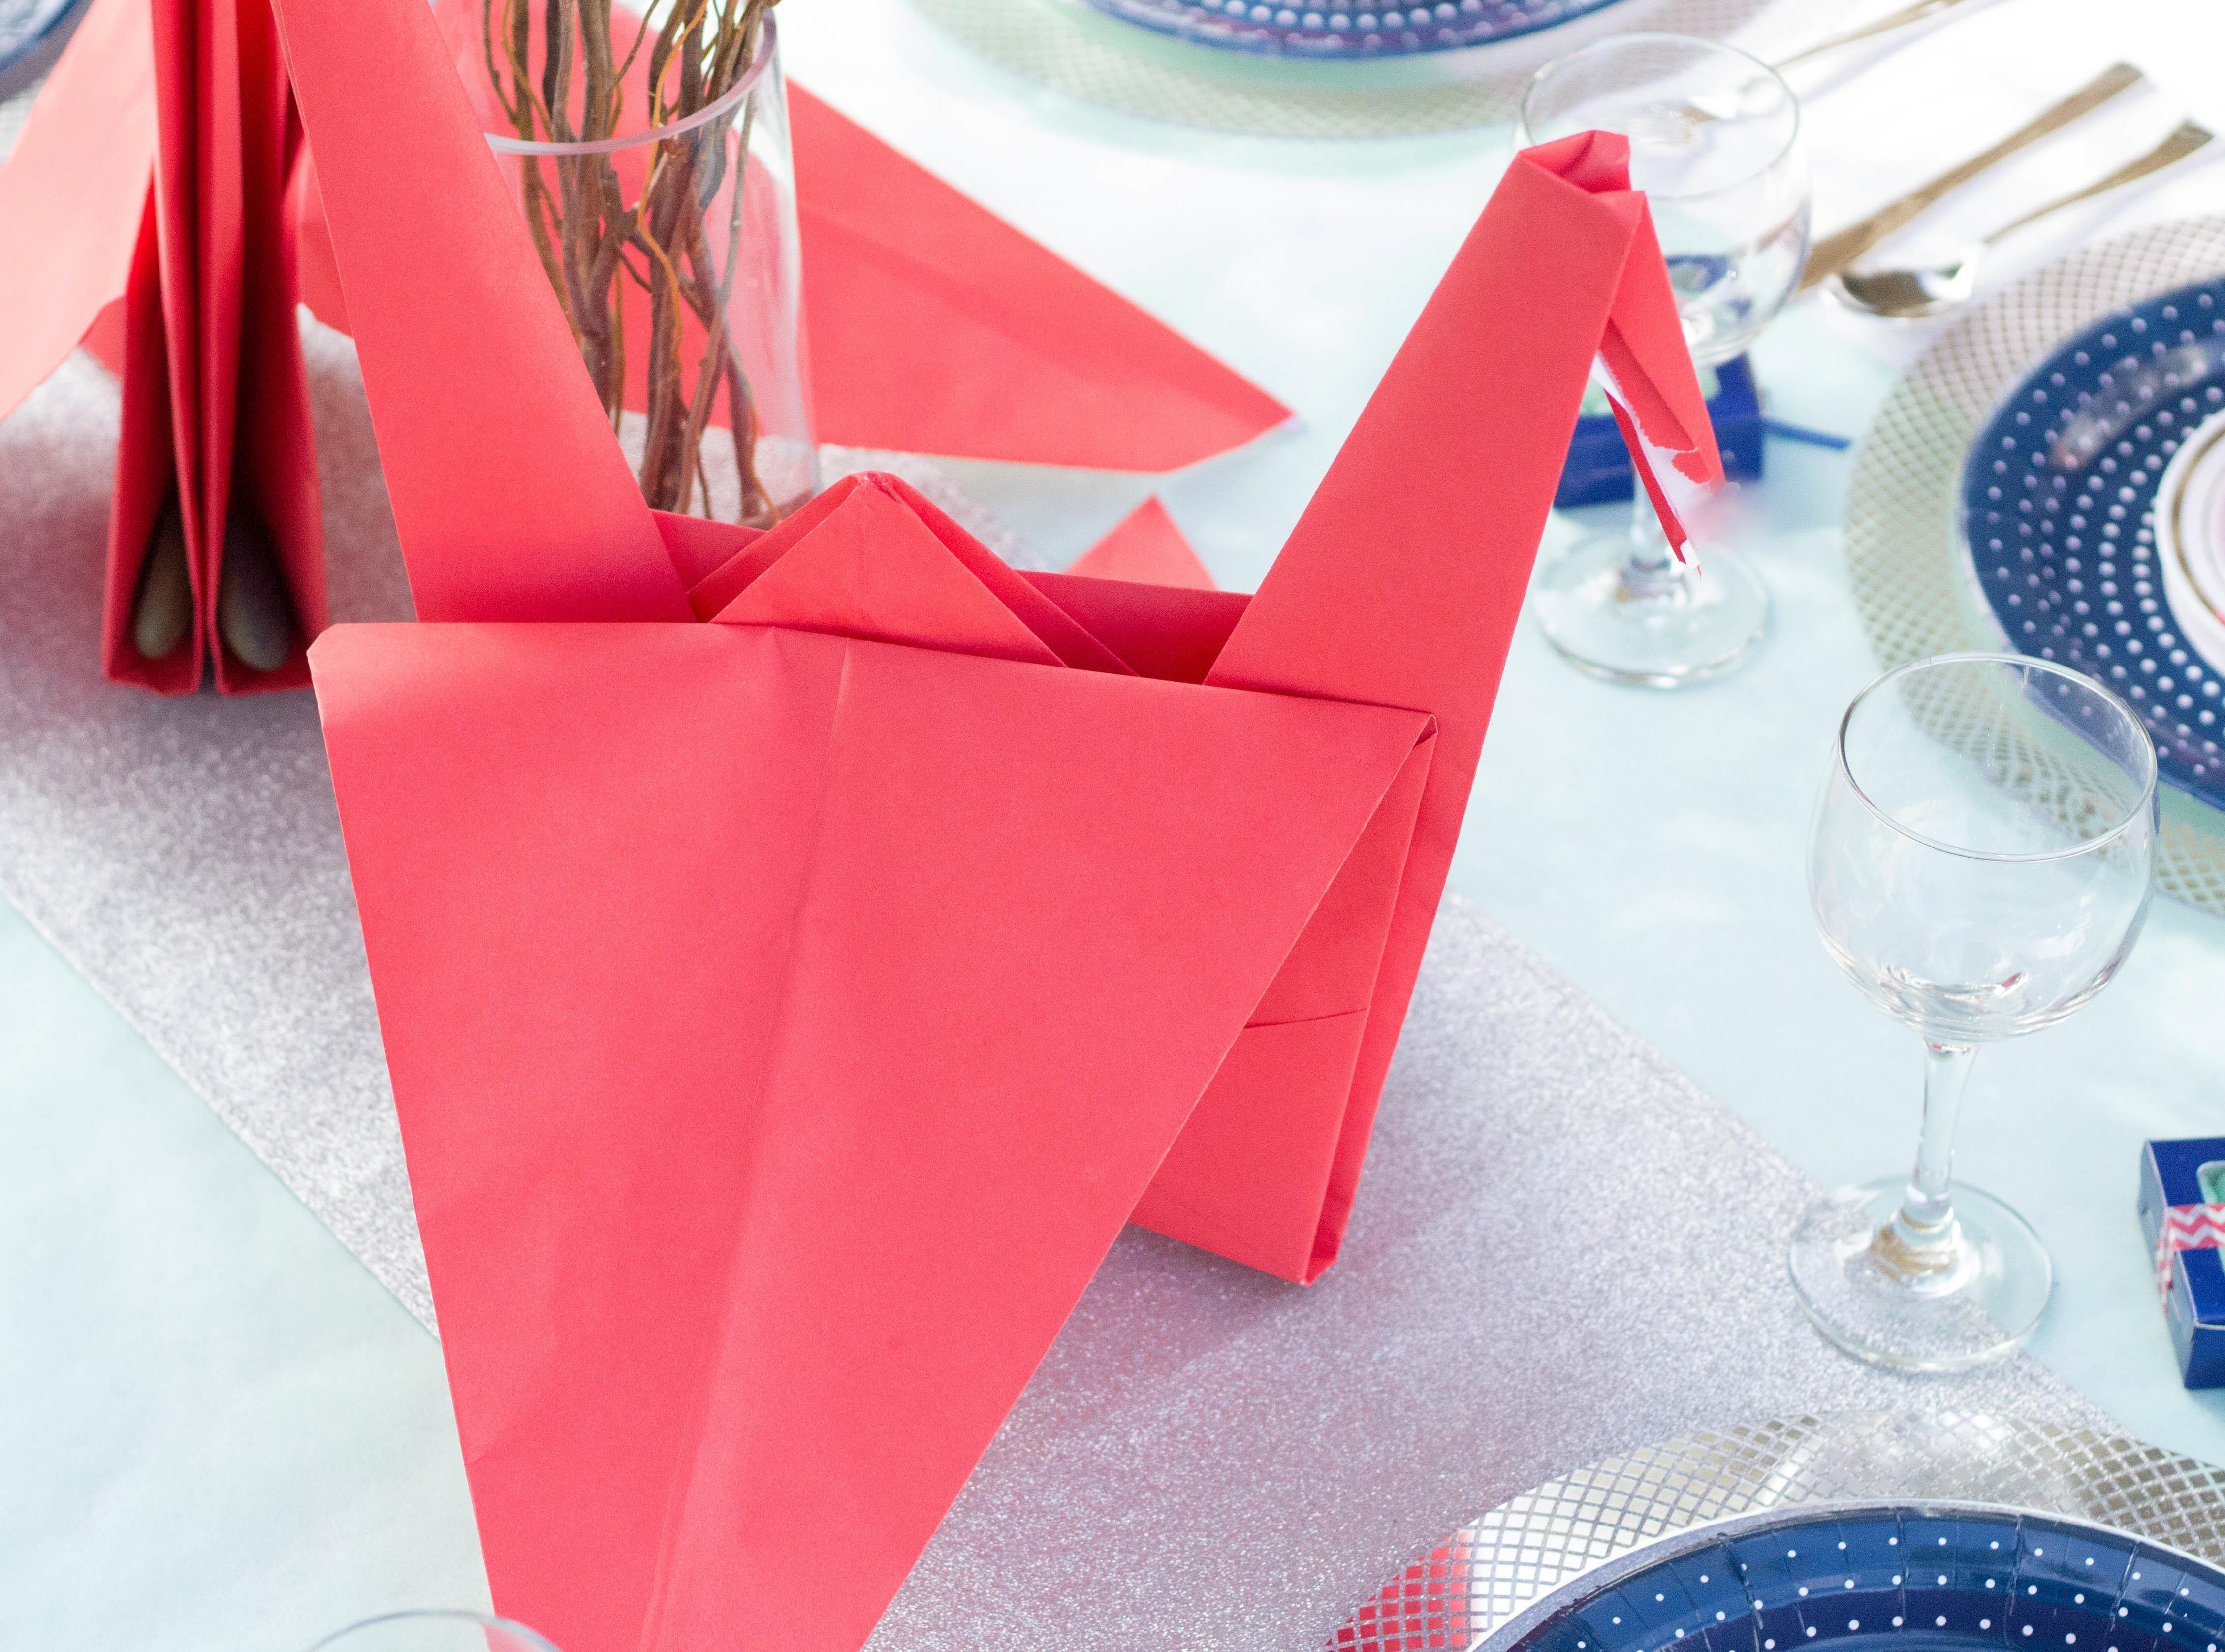 16 Unique Centerpiece Ideas for your Reception Tables - Wedding ...   3356x4520